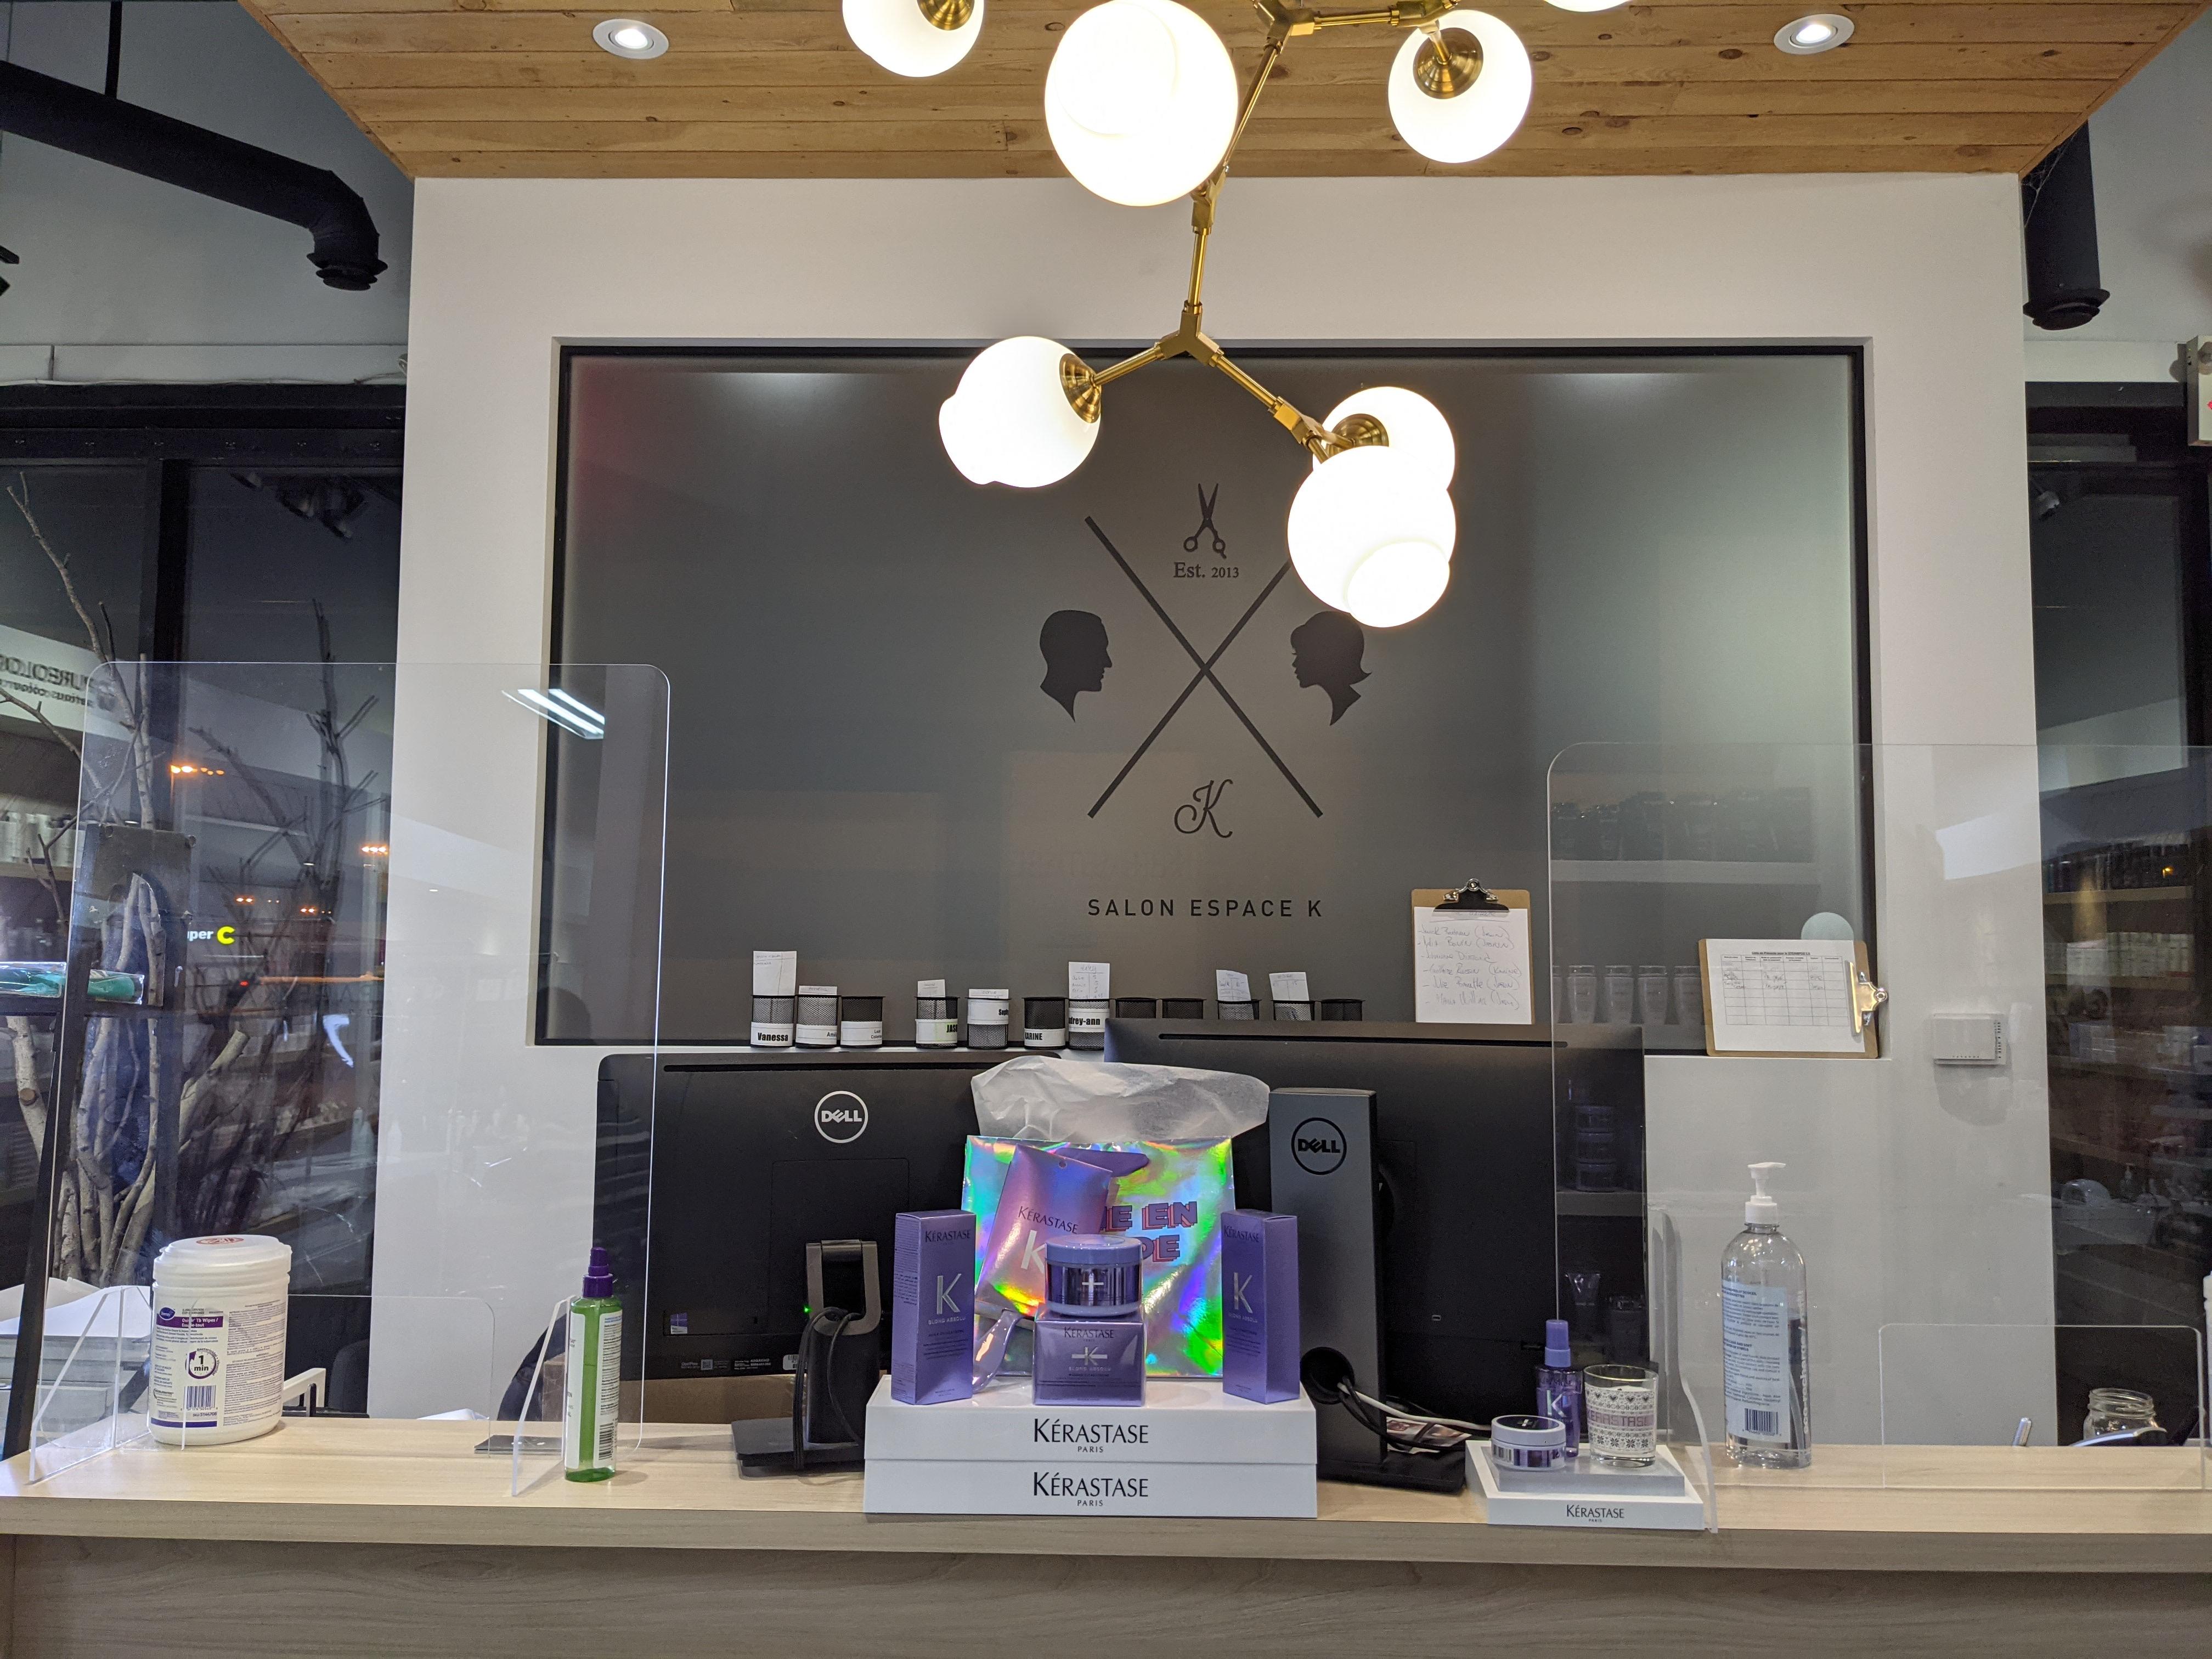 Salon Espace K